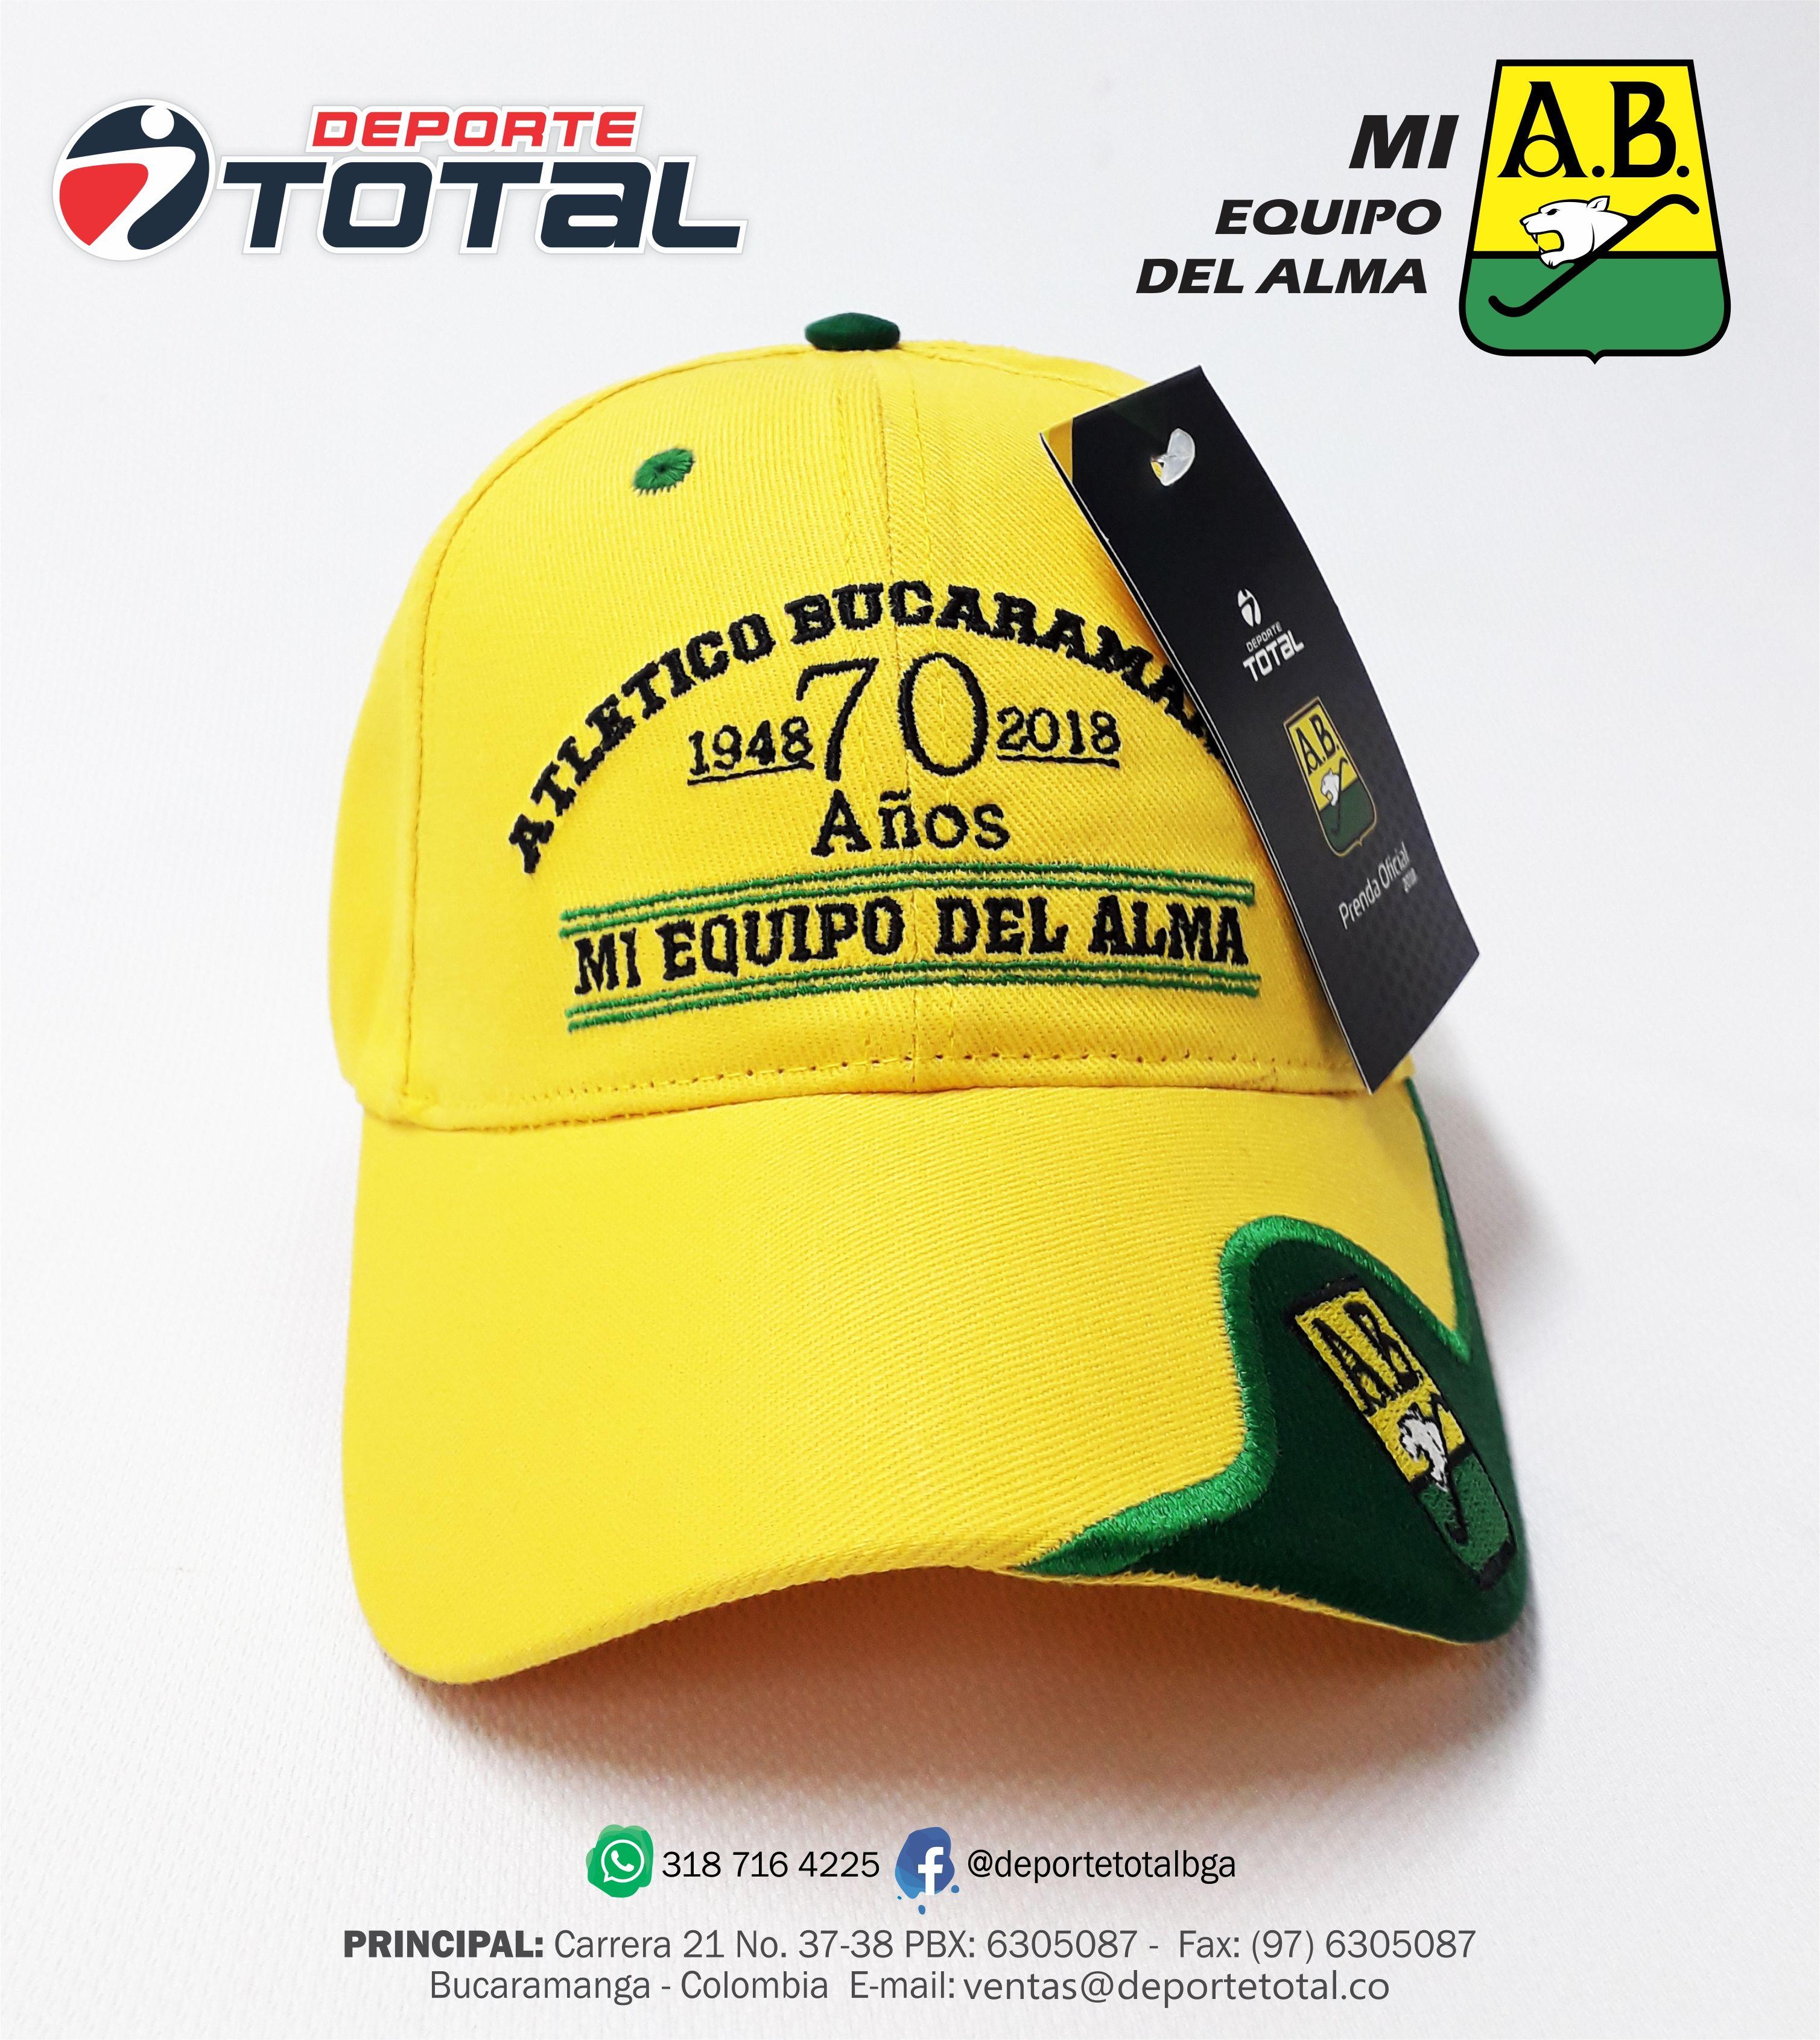 Gorra Oficial Ab Deporte Total Mi Equipo Del Alma Atletico Bucaramanga Deportes Articulos Deportivos Atleta